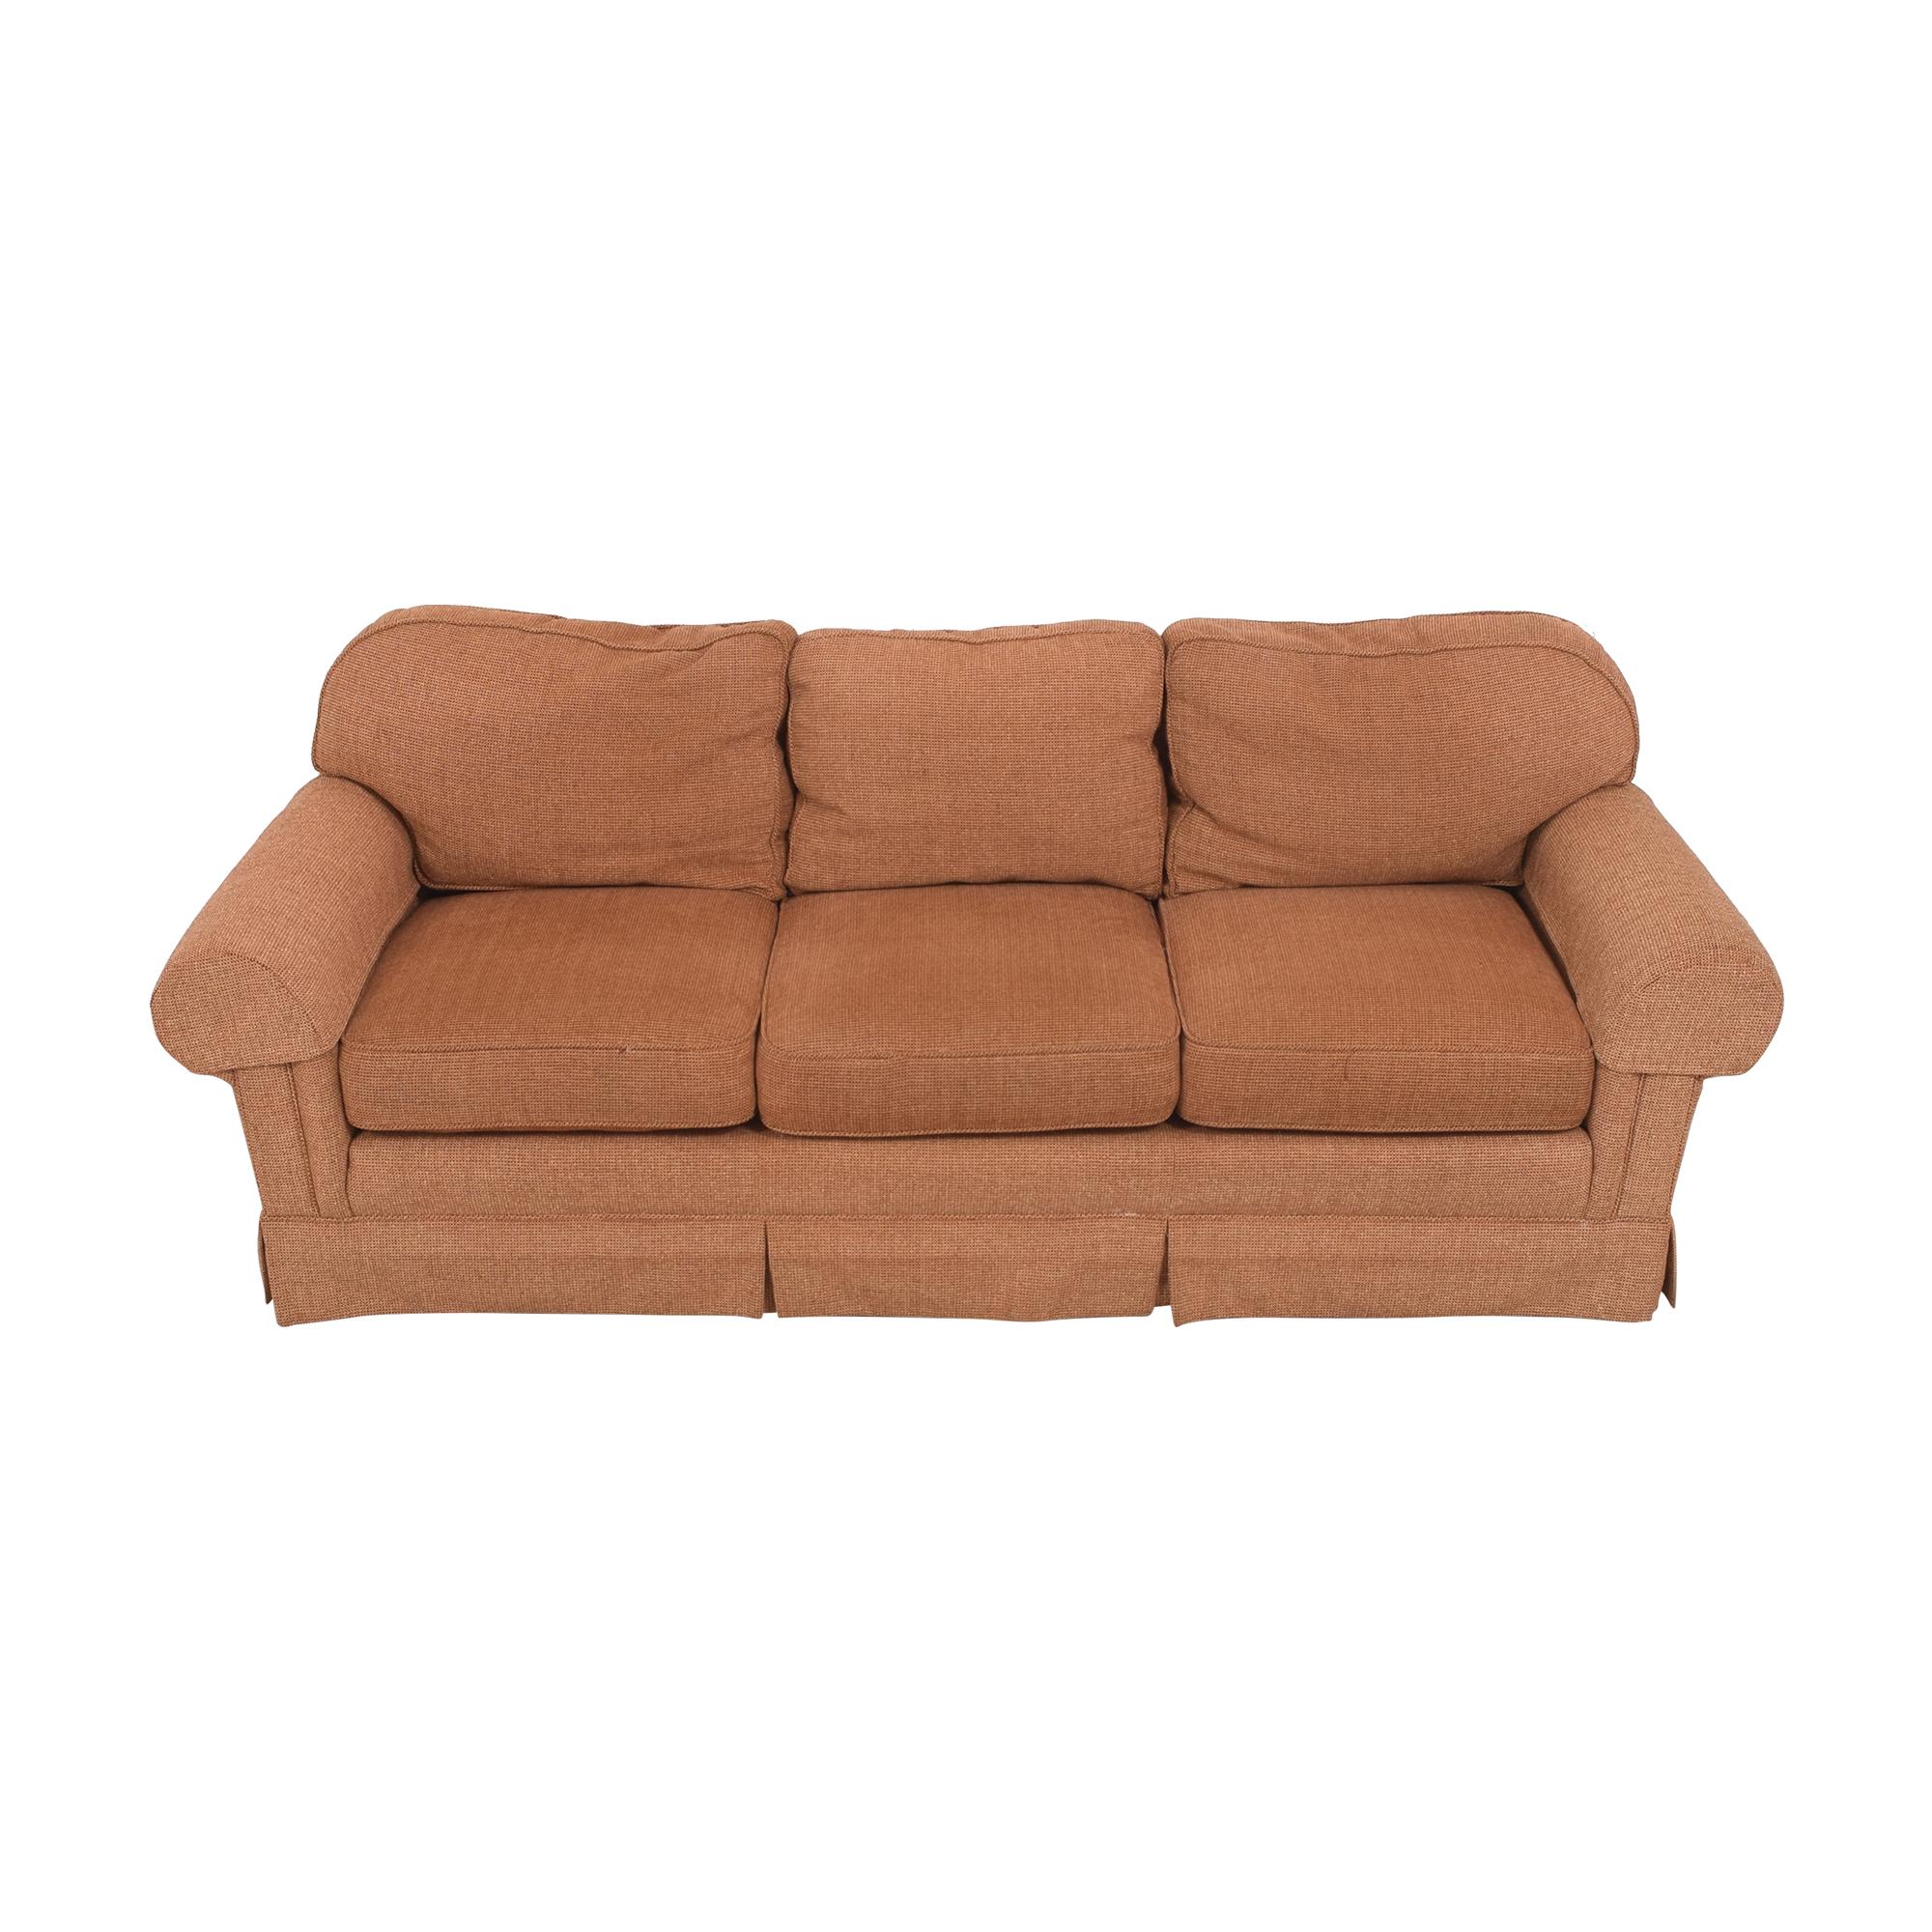 Calico Calico Three Cushion Sofa pa